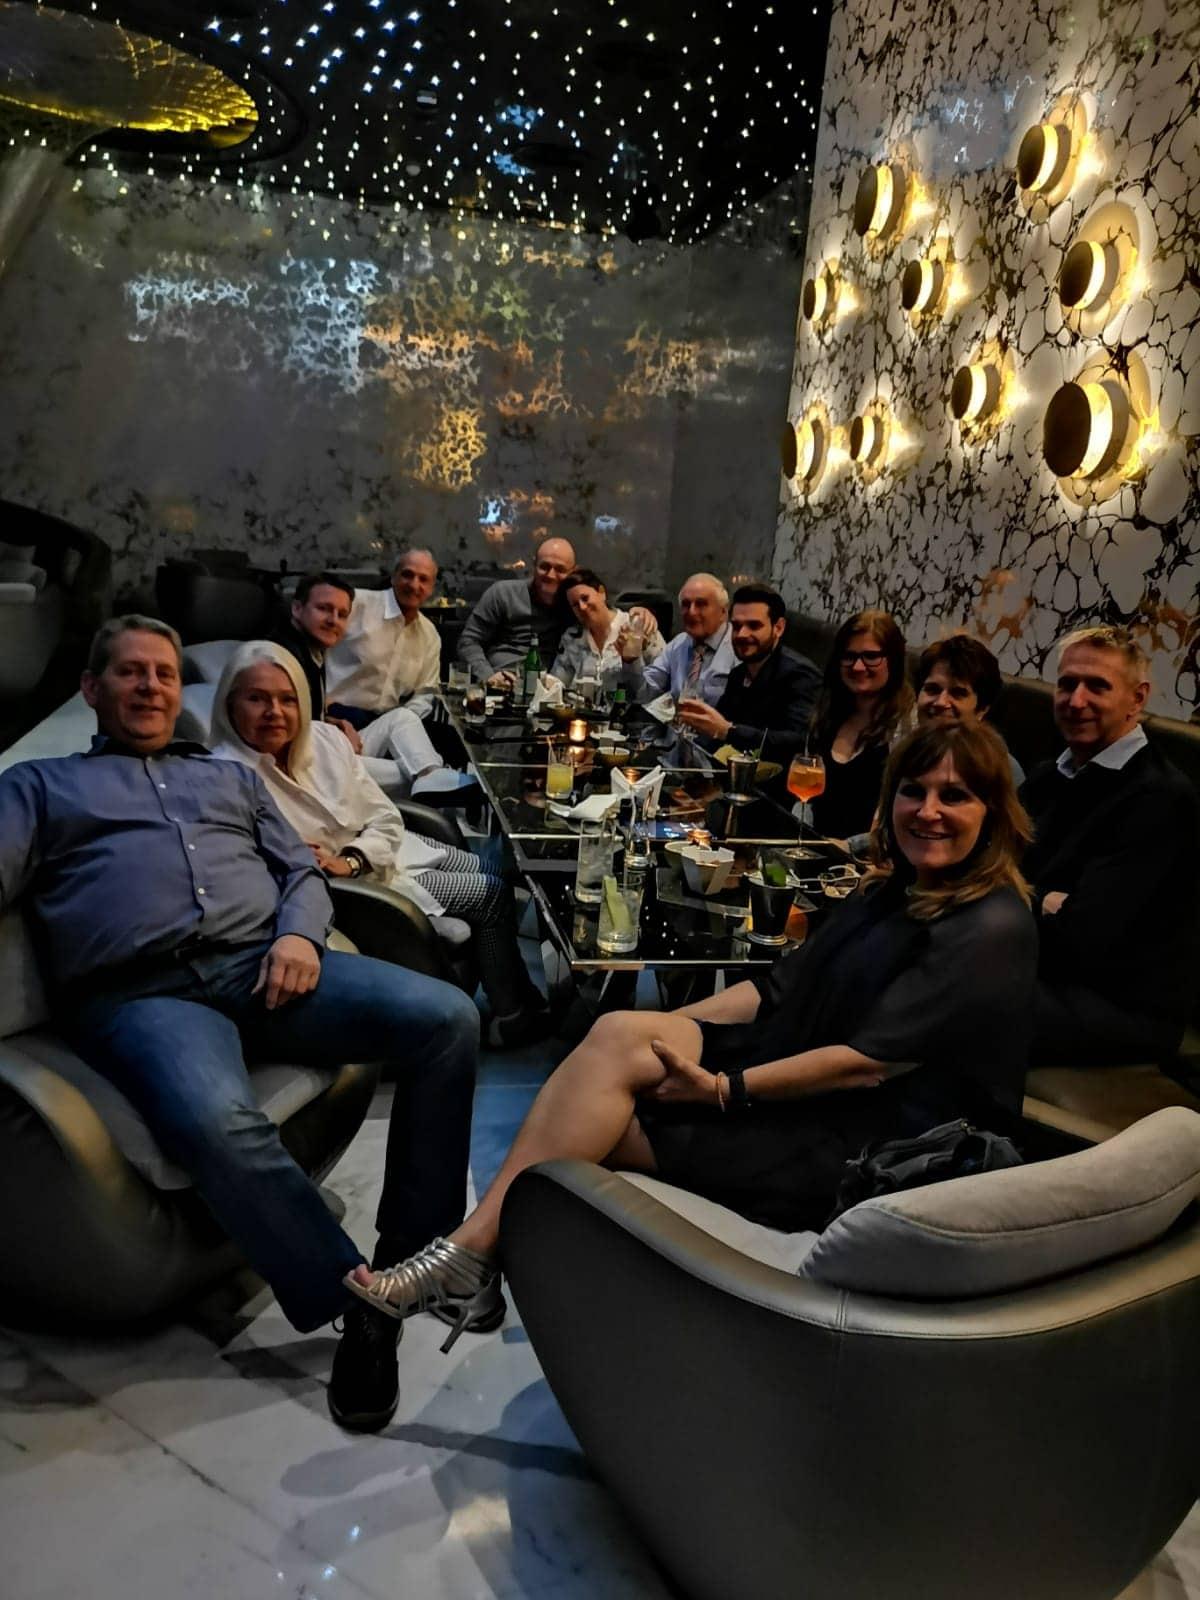 XEEK9203 - 10.-12. Januar 2019 - 24hseries.com - 24h Dubai / VAE